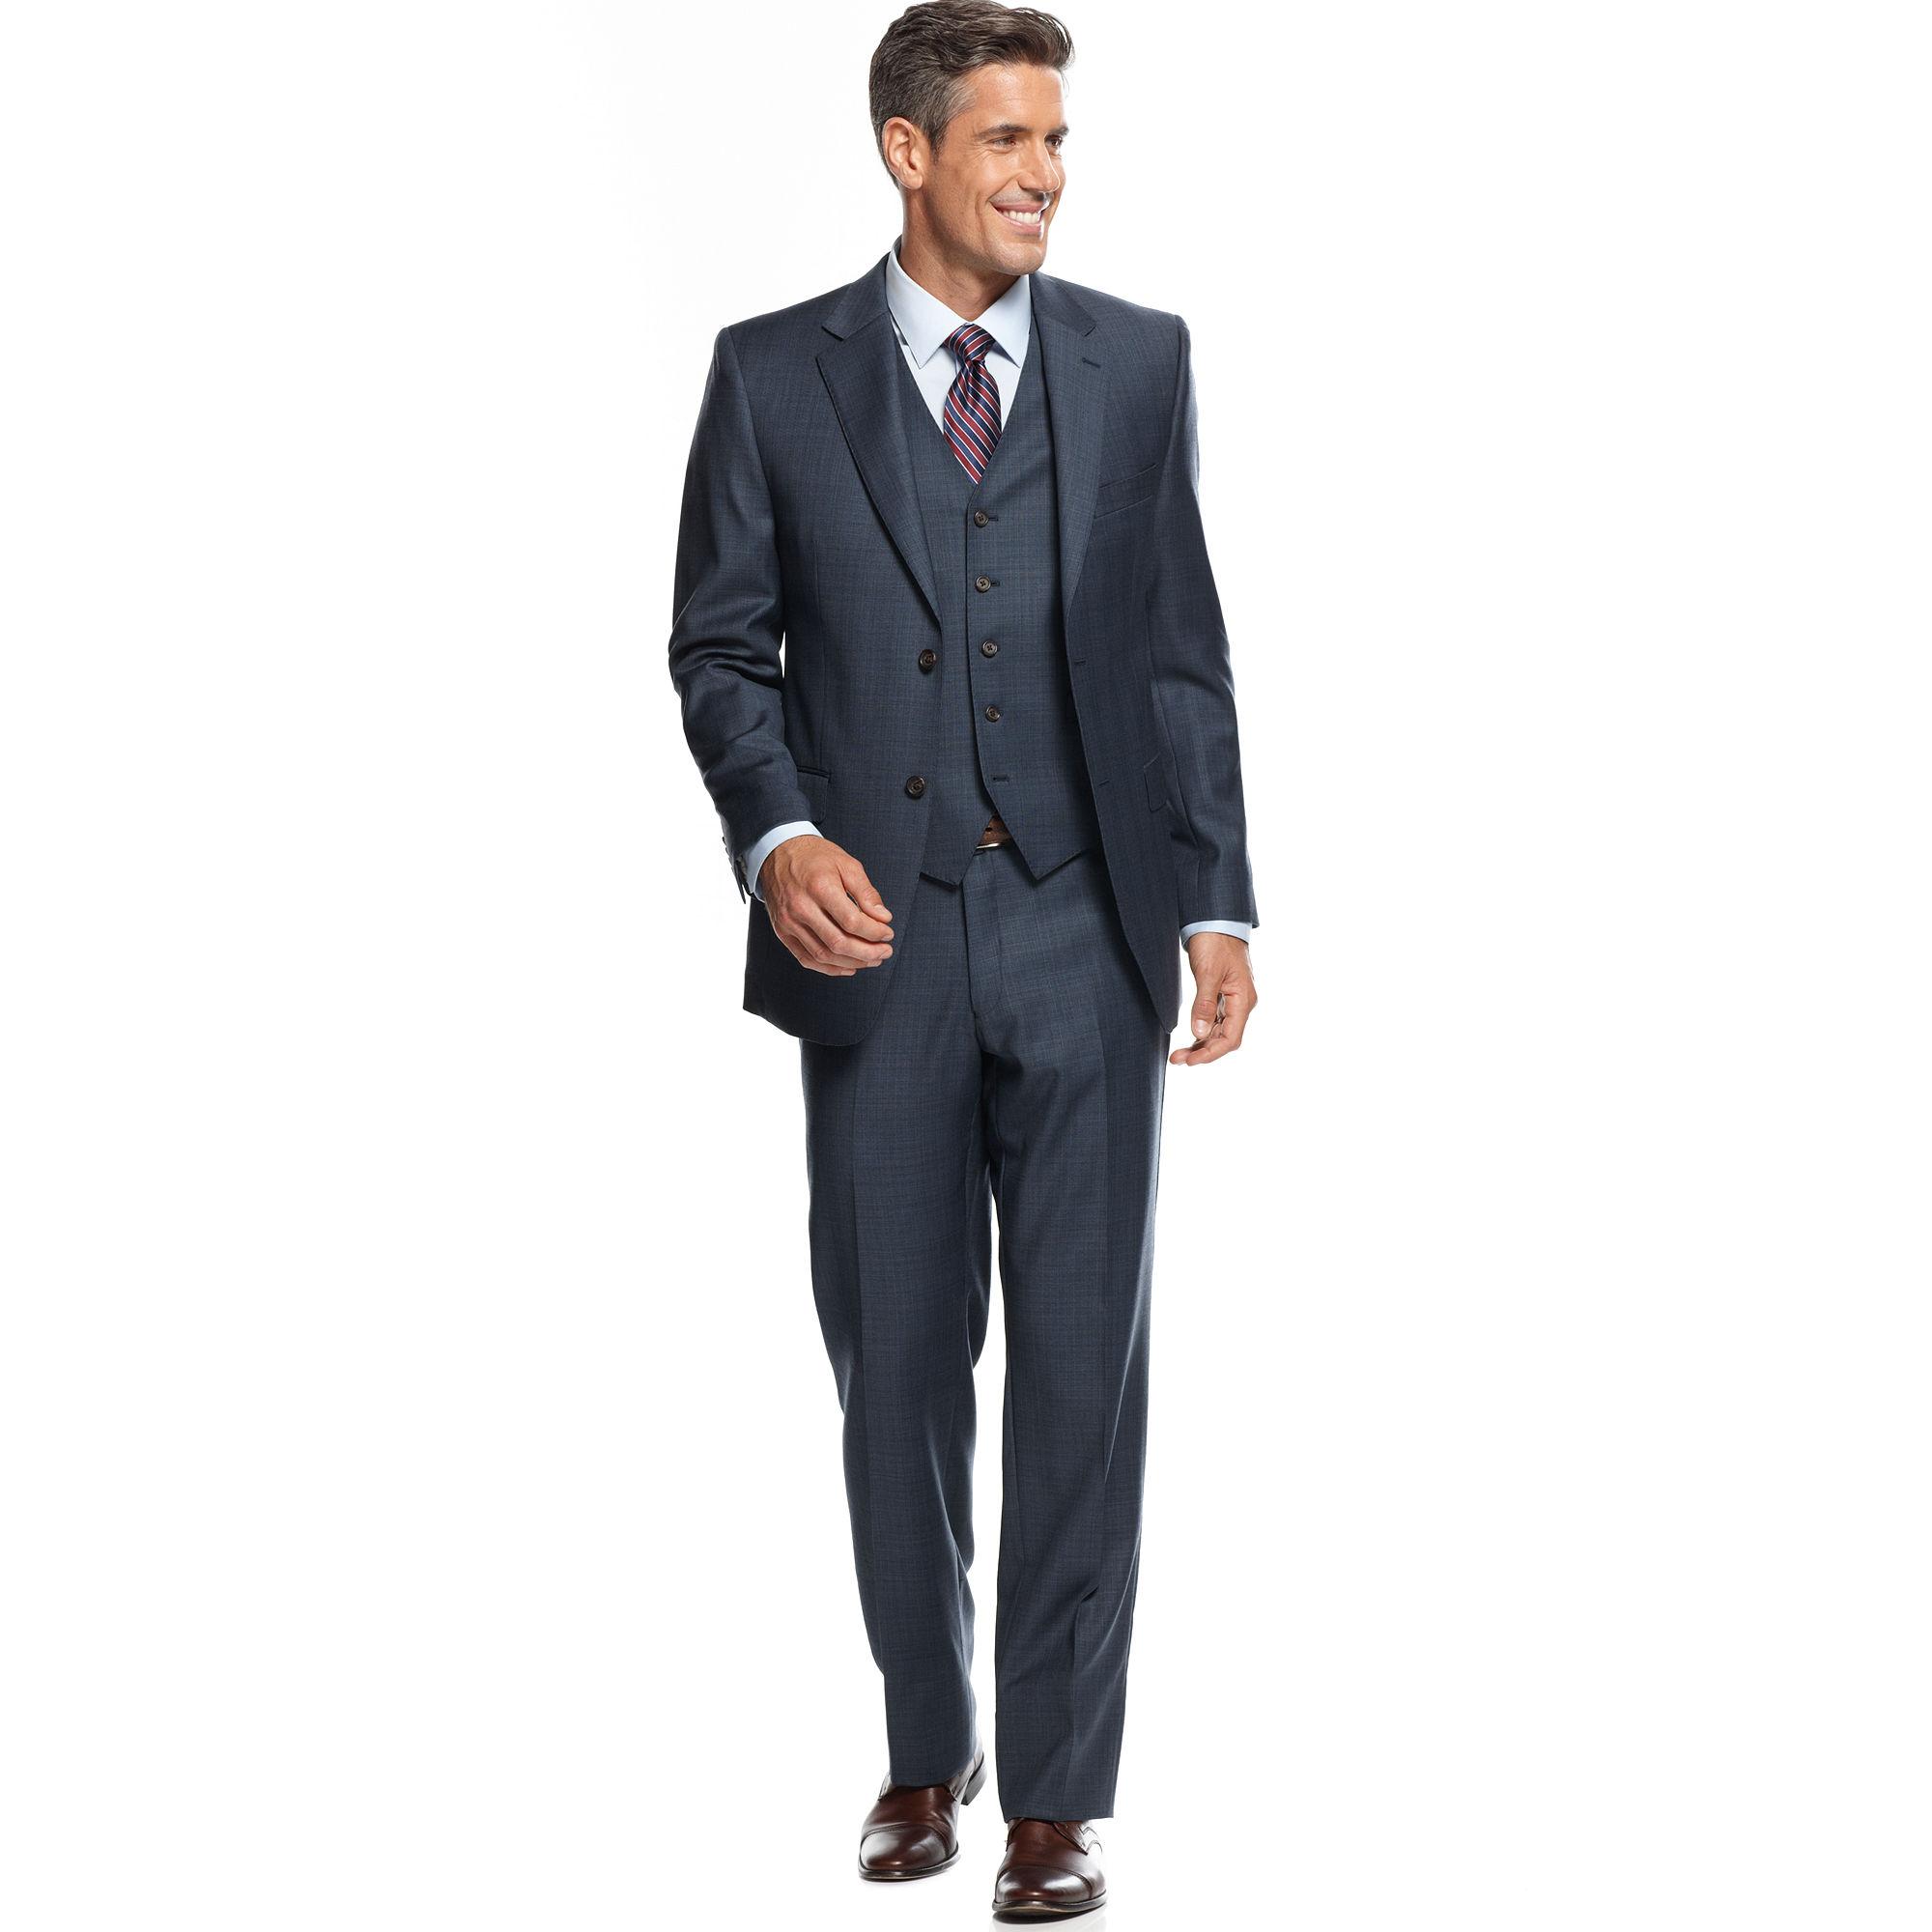 Lauren By Ralph Lauren Navy Solid Slim Fit Suit In Blue